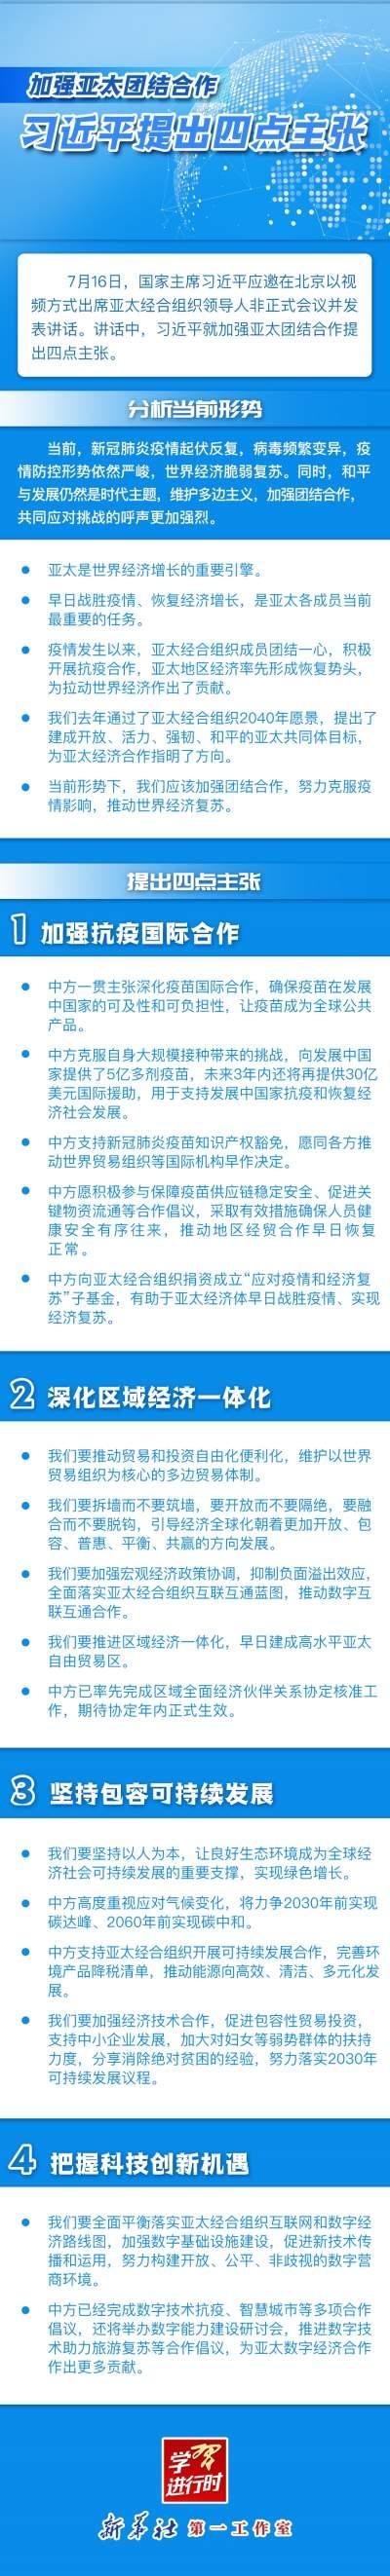 学习进行时|加强亚太团结合作,习近平提出四点主张